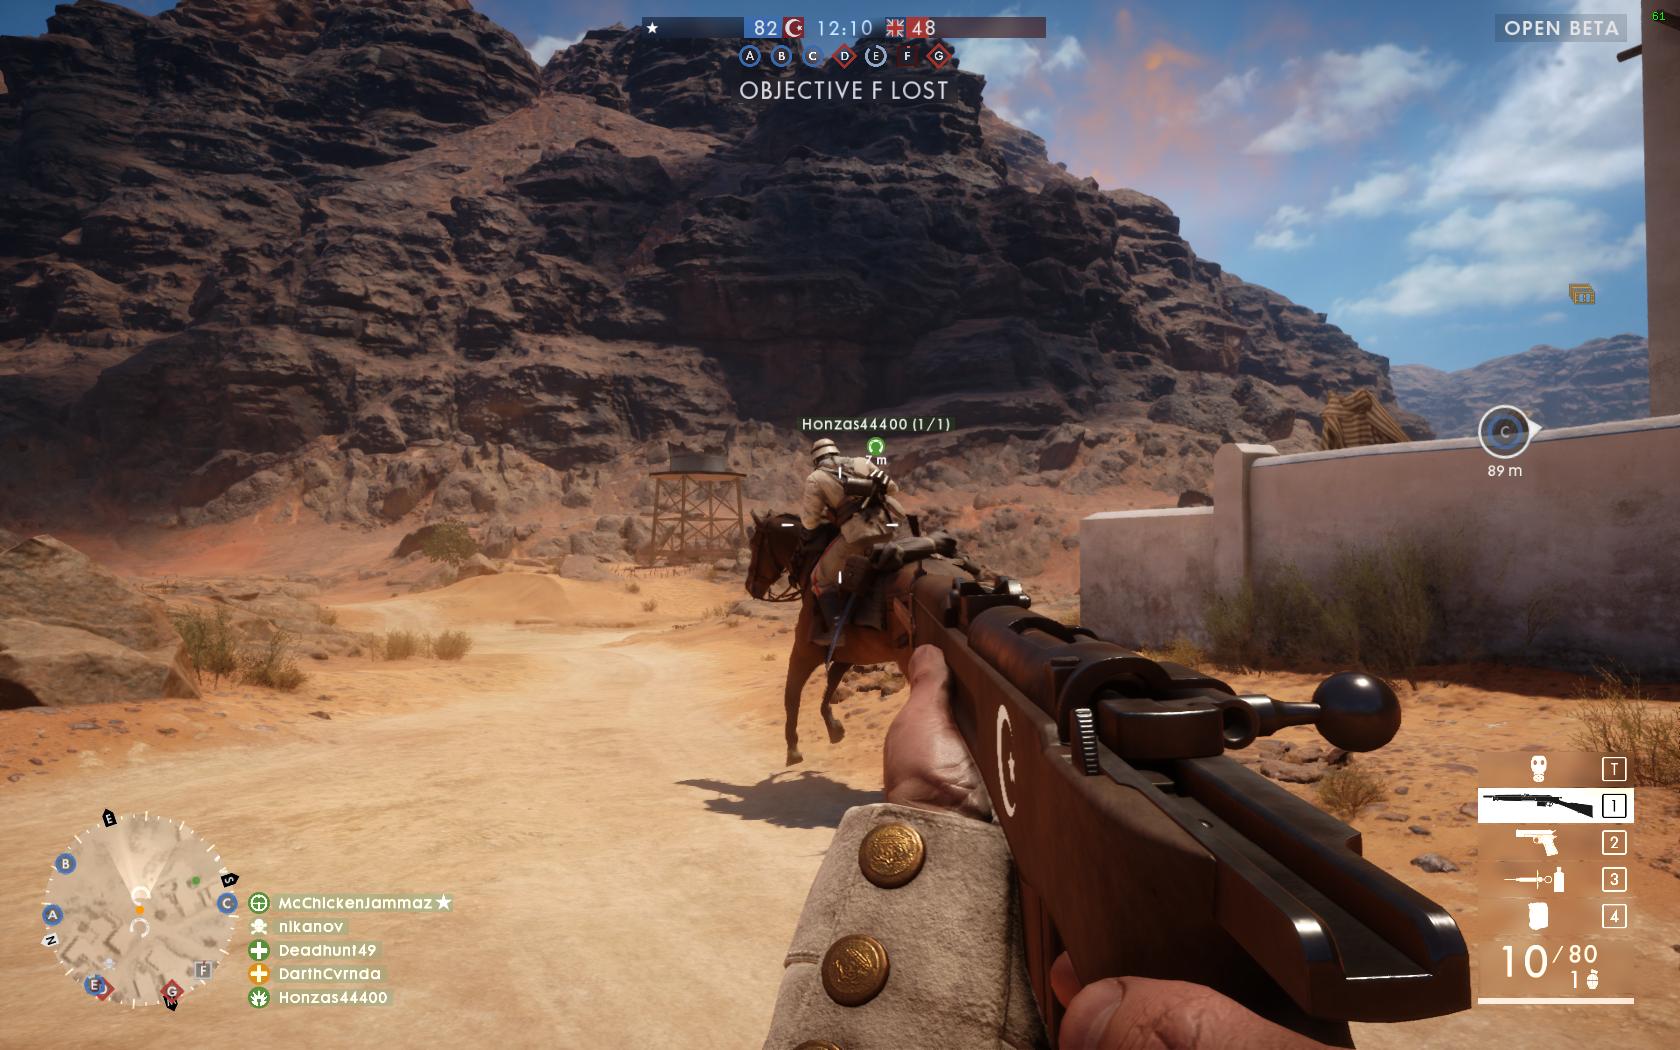 Dojmy z hraní otevřené bety Battlefield 1 129859